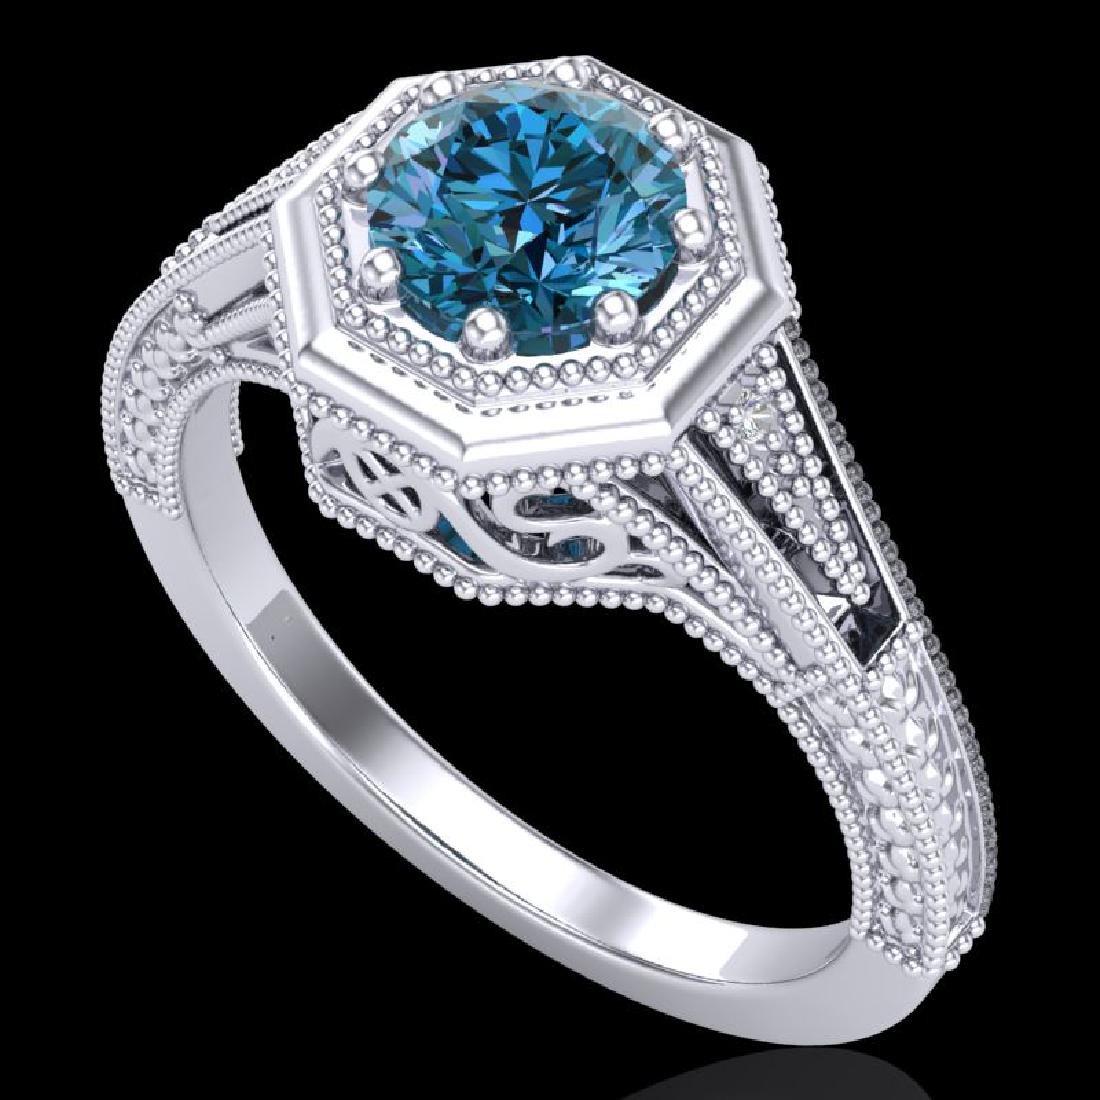 0.84 CTW Fancy Intense Blue Diamond Solitaire Art Deco